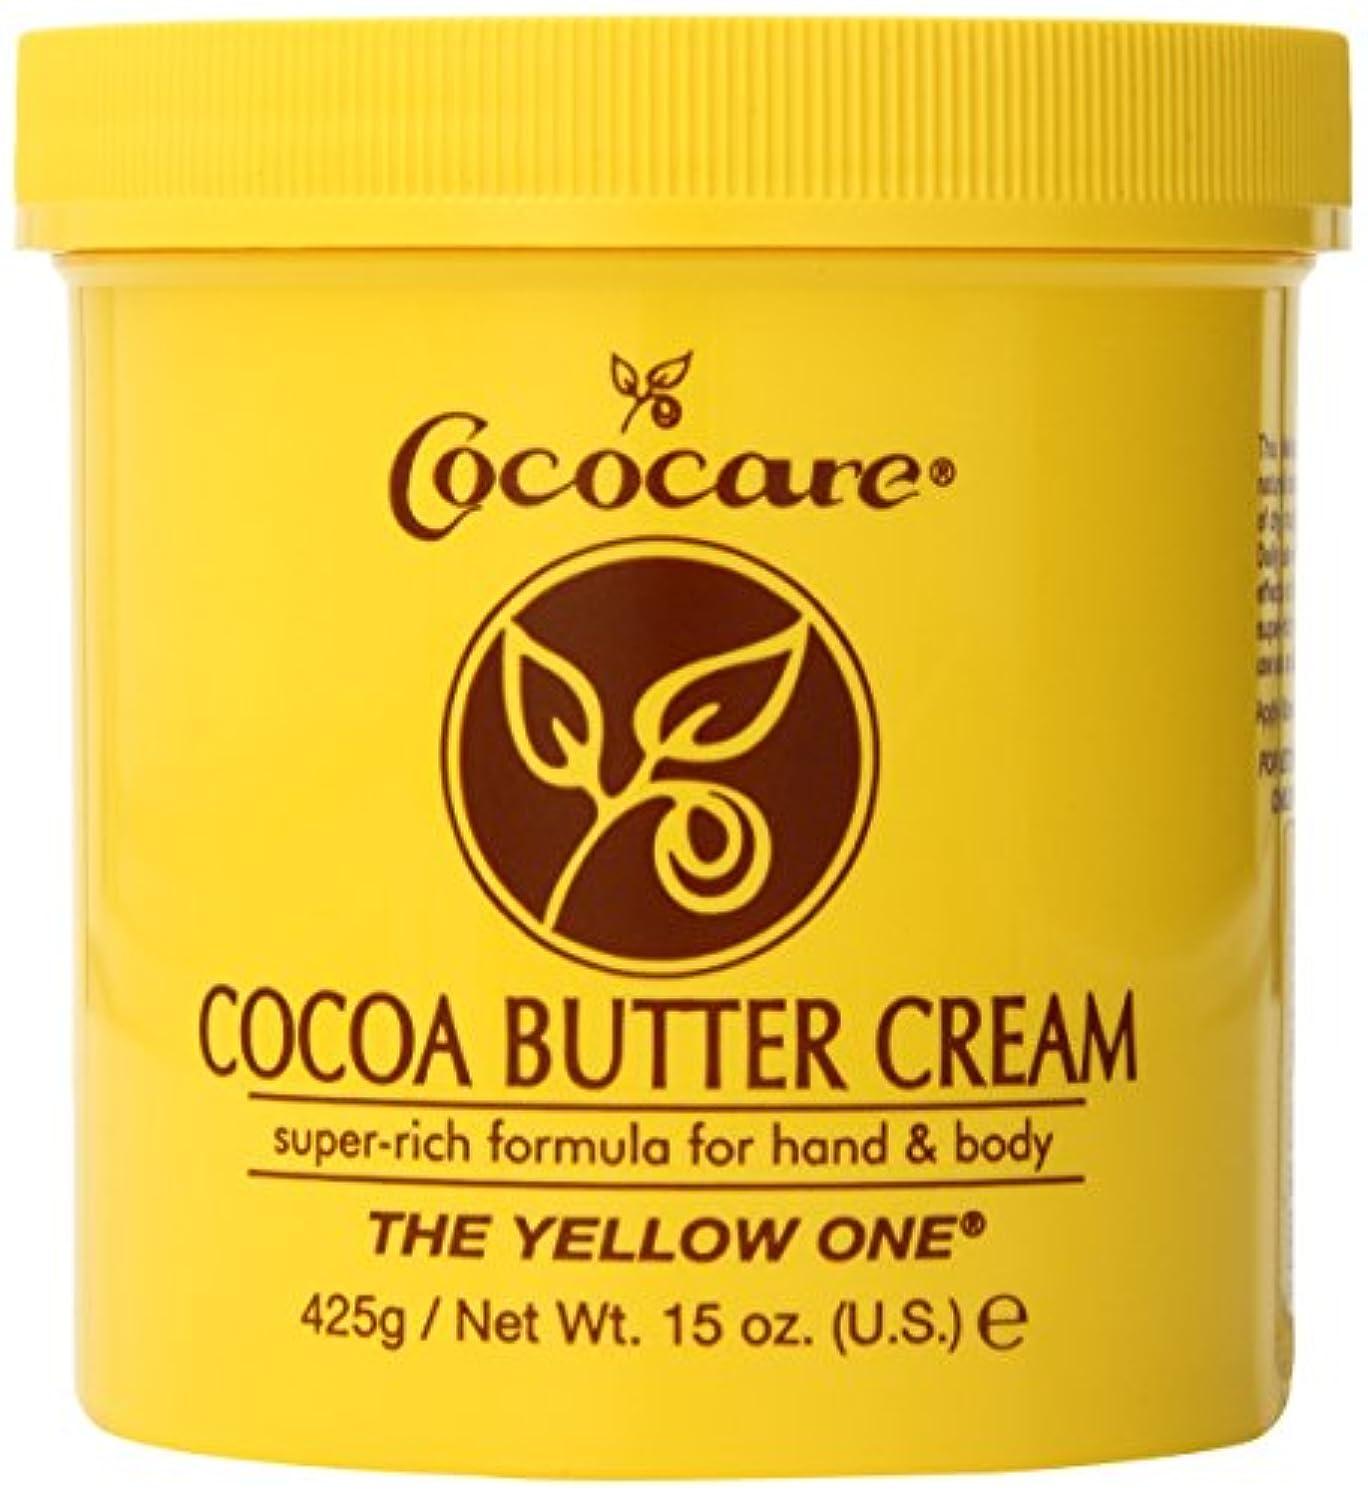 創始者見る人注ぎますCococare, The Yellow One, Cocoa Butter Cream, 15 oz (425 g)